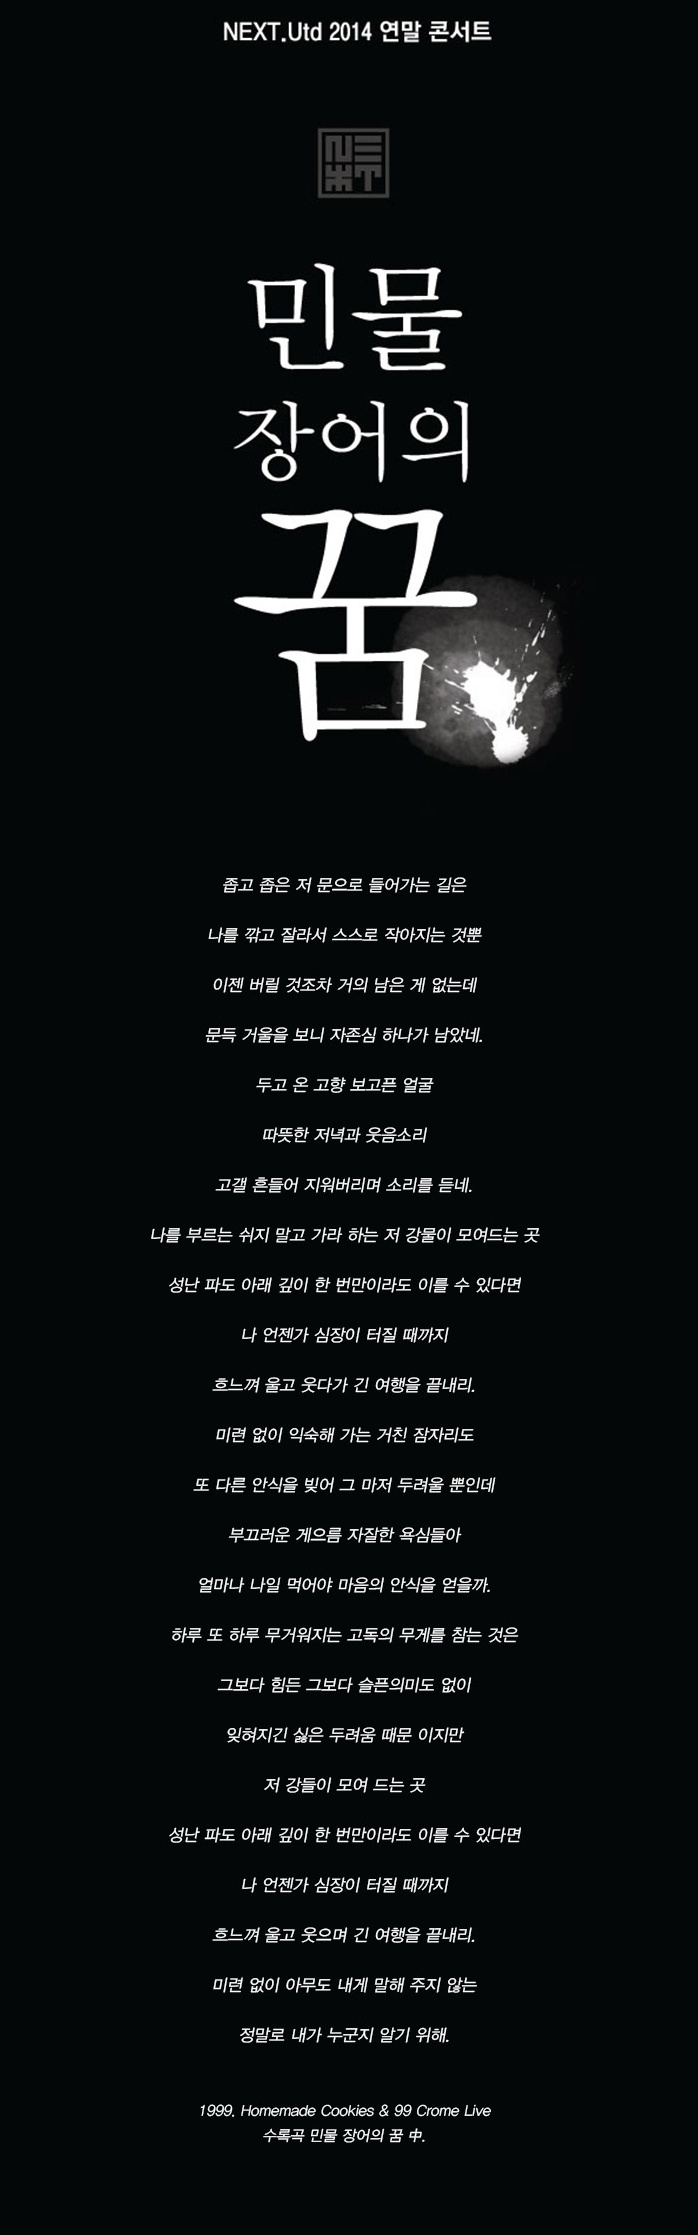 넥스트 Utd. 콘서트, 故신해철 - 민물 장어의 꿈1.jpg